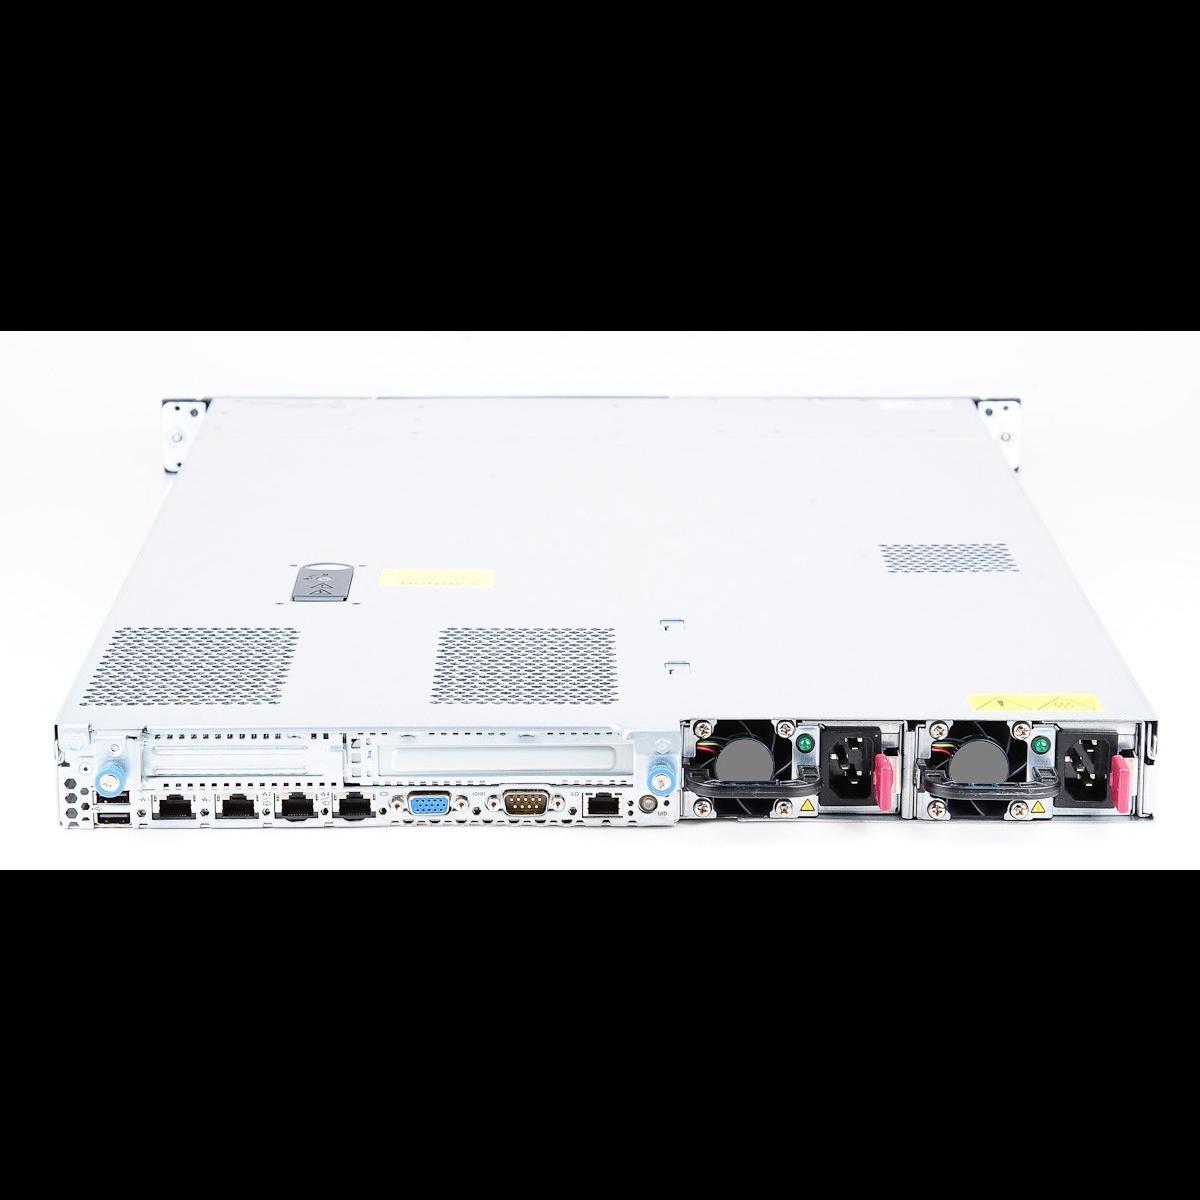 Сервер HP Proliant DL360 G7, 2 процессора Intel Xeon 6С X5670 2.93GHz, 128GB DRAM